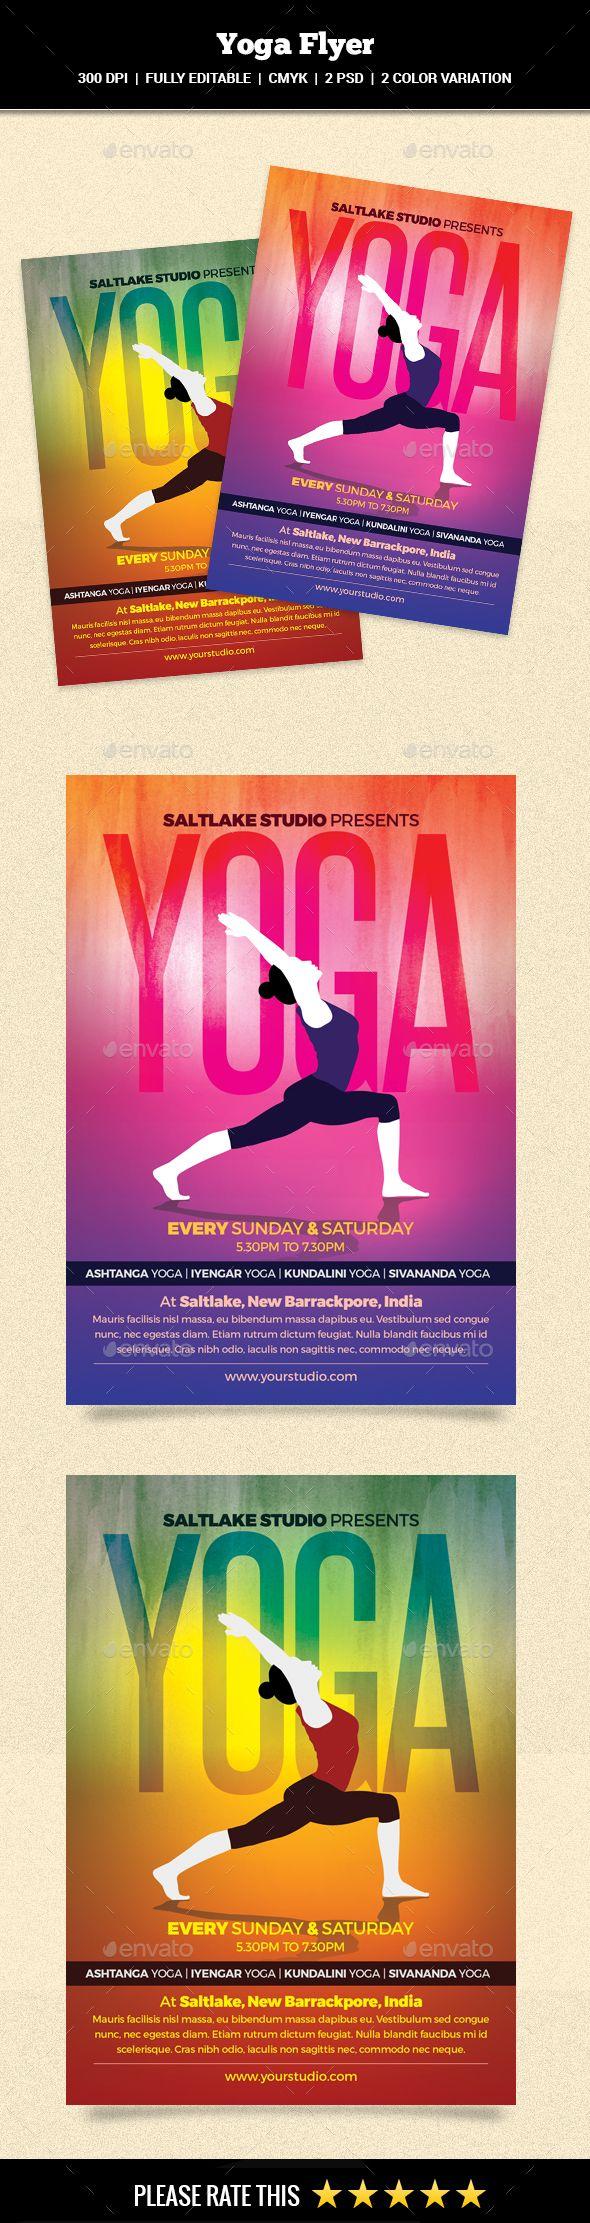 Großartig Yoga Flyer Vorlage Kostenlos Fotos - Beispiel Business ...